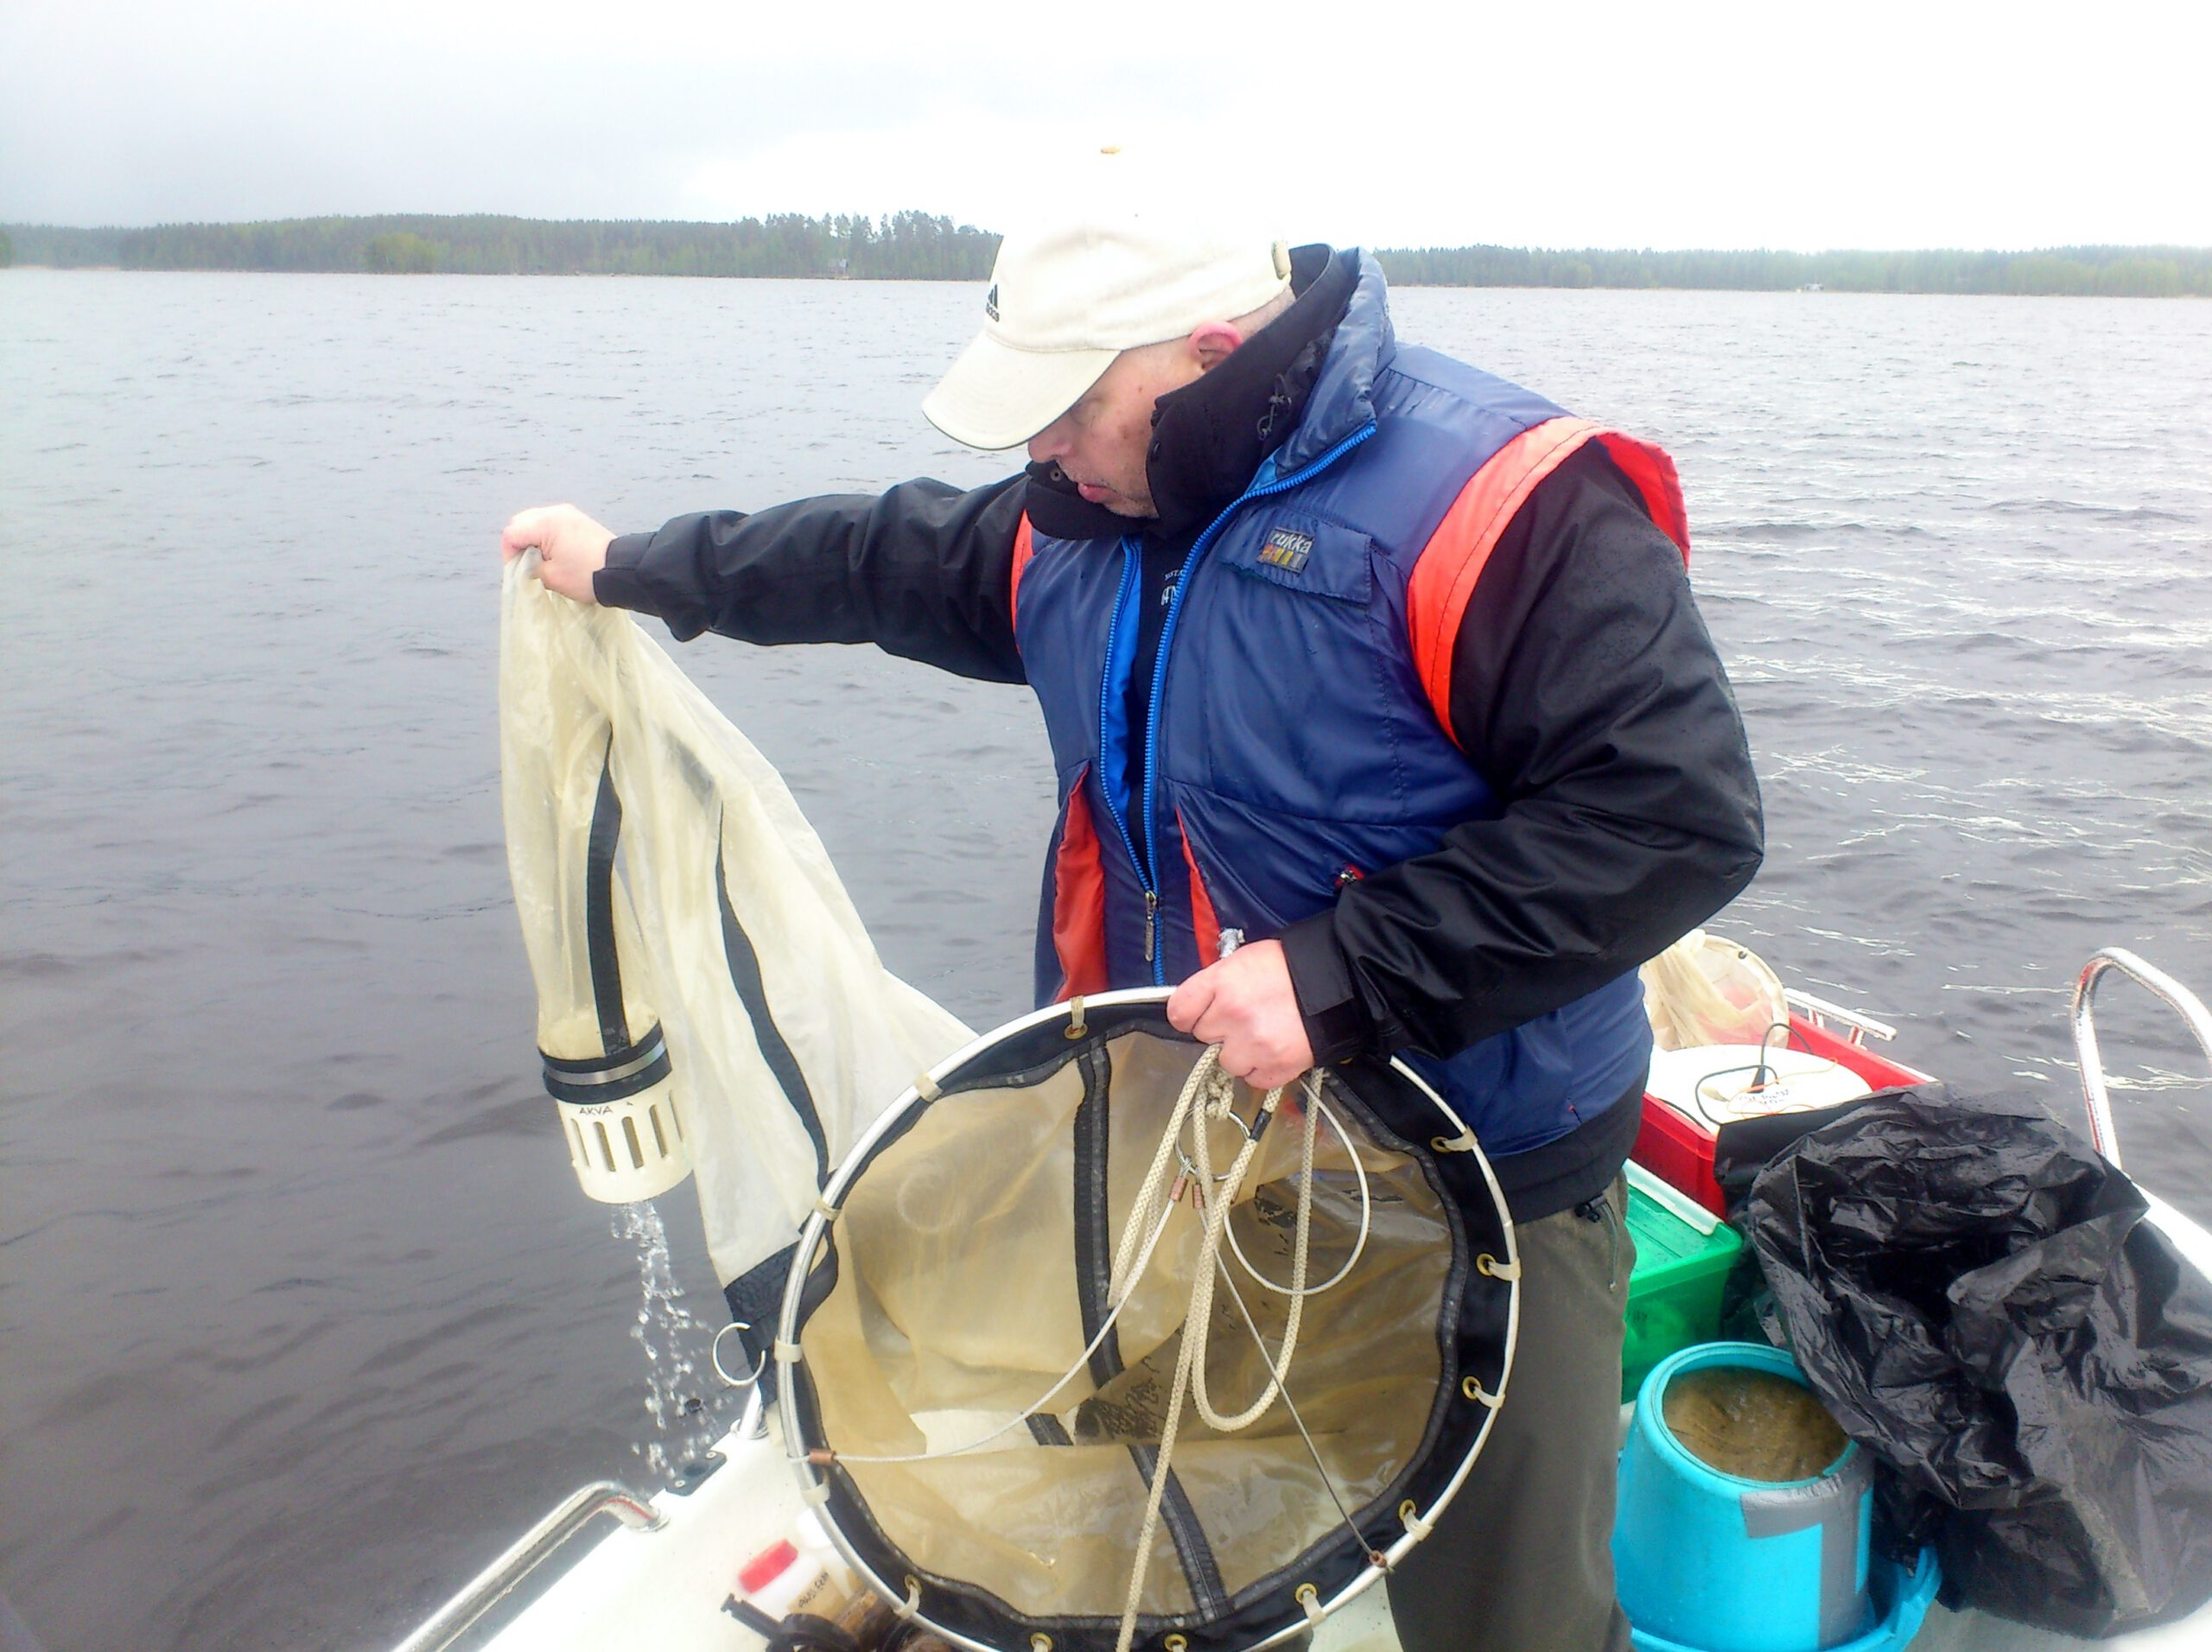 Alajärvellä tehtyyn ravintoverkkoselvitykseen liittyivät eläinplanktonin näytteenotot. Selvityksen kenttätyöt teki Helsingin yliopiston väki, kuvassa Mika Vinni.